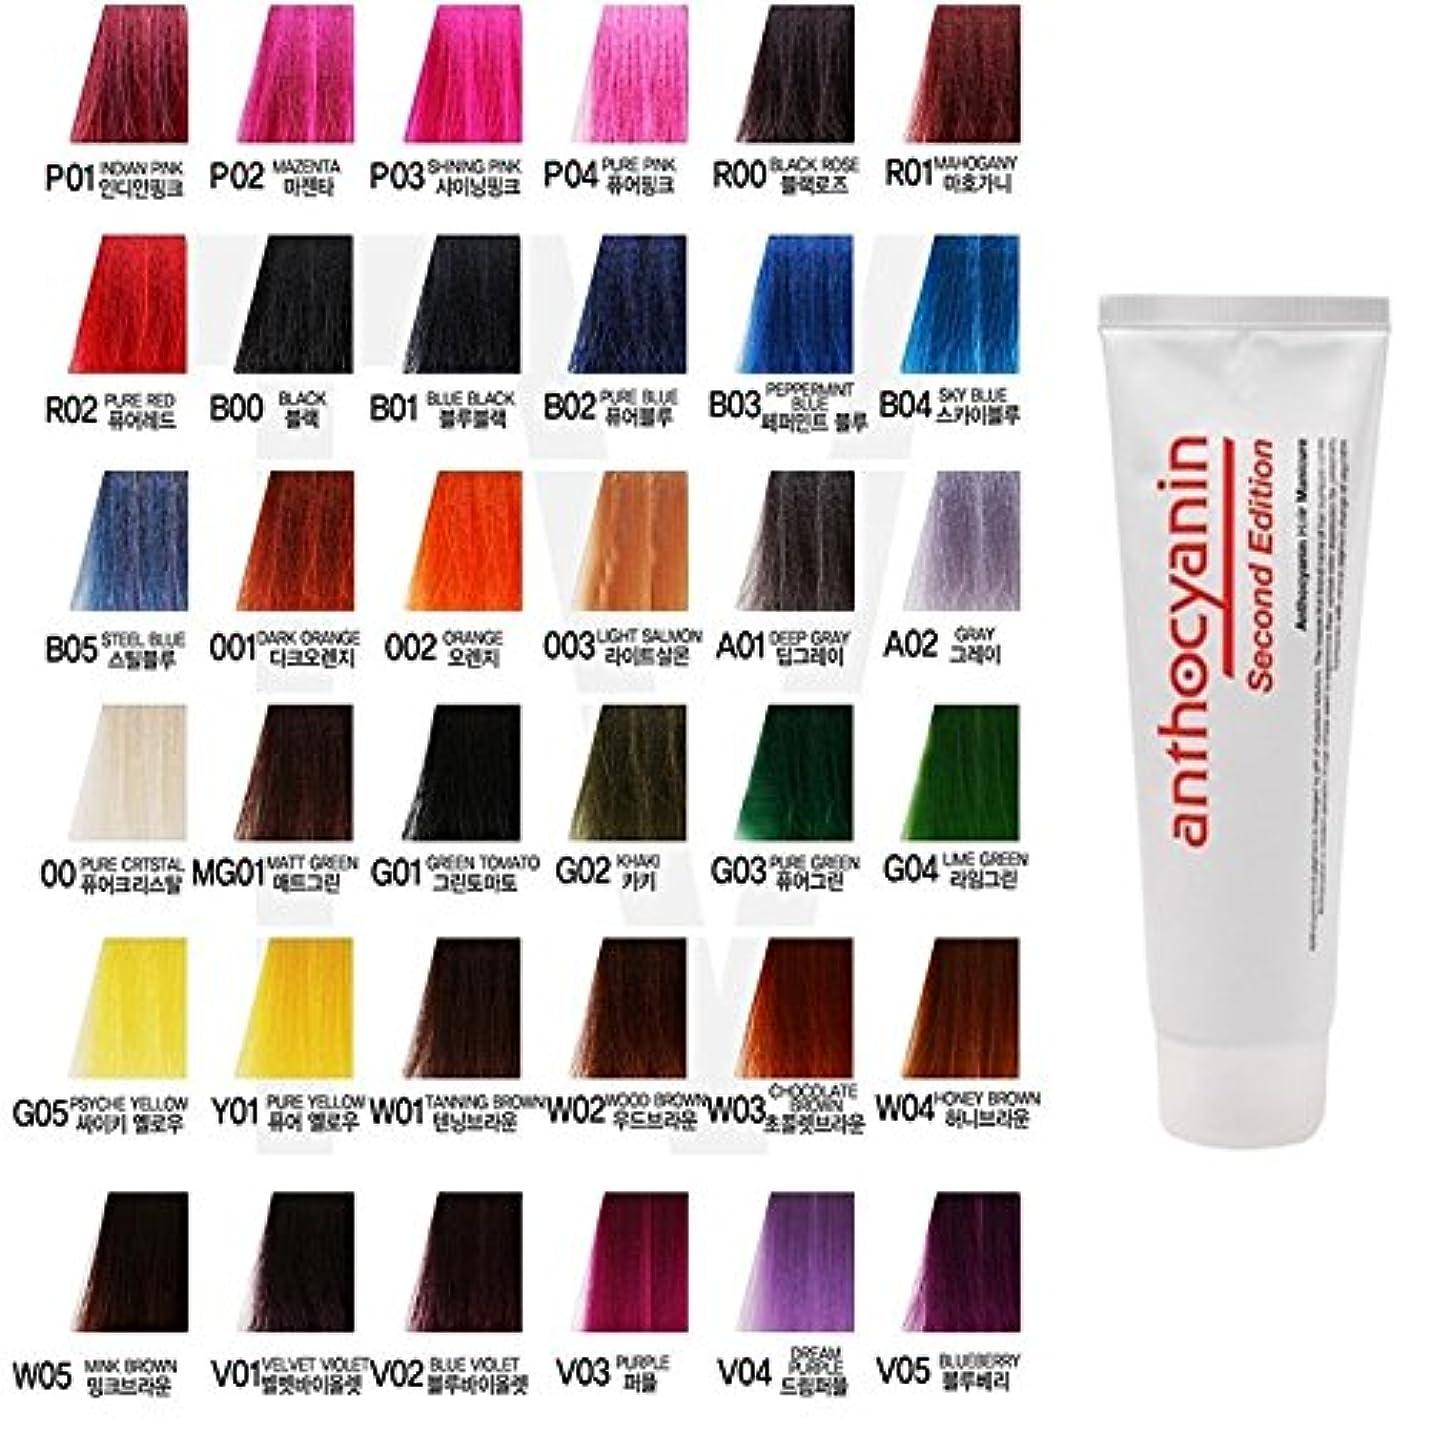 孤独なブッシュ敬意ヘア マニキュア カラー セカンド エディション 230g セミ パーマネント 染毛剤 ( Hair Manicure Color Second Edition 230g Semi Permanent Hair Dye) [並行輸入品] (WA03 Mud Brown)